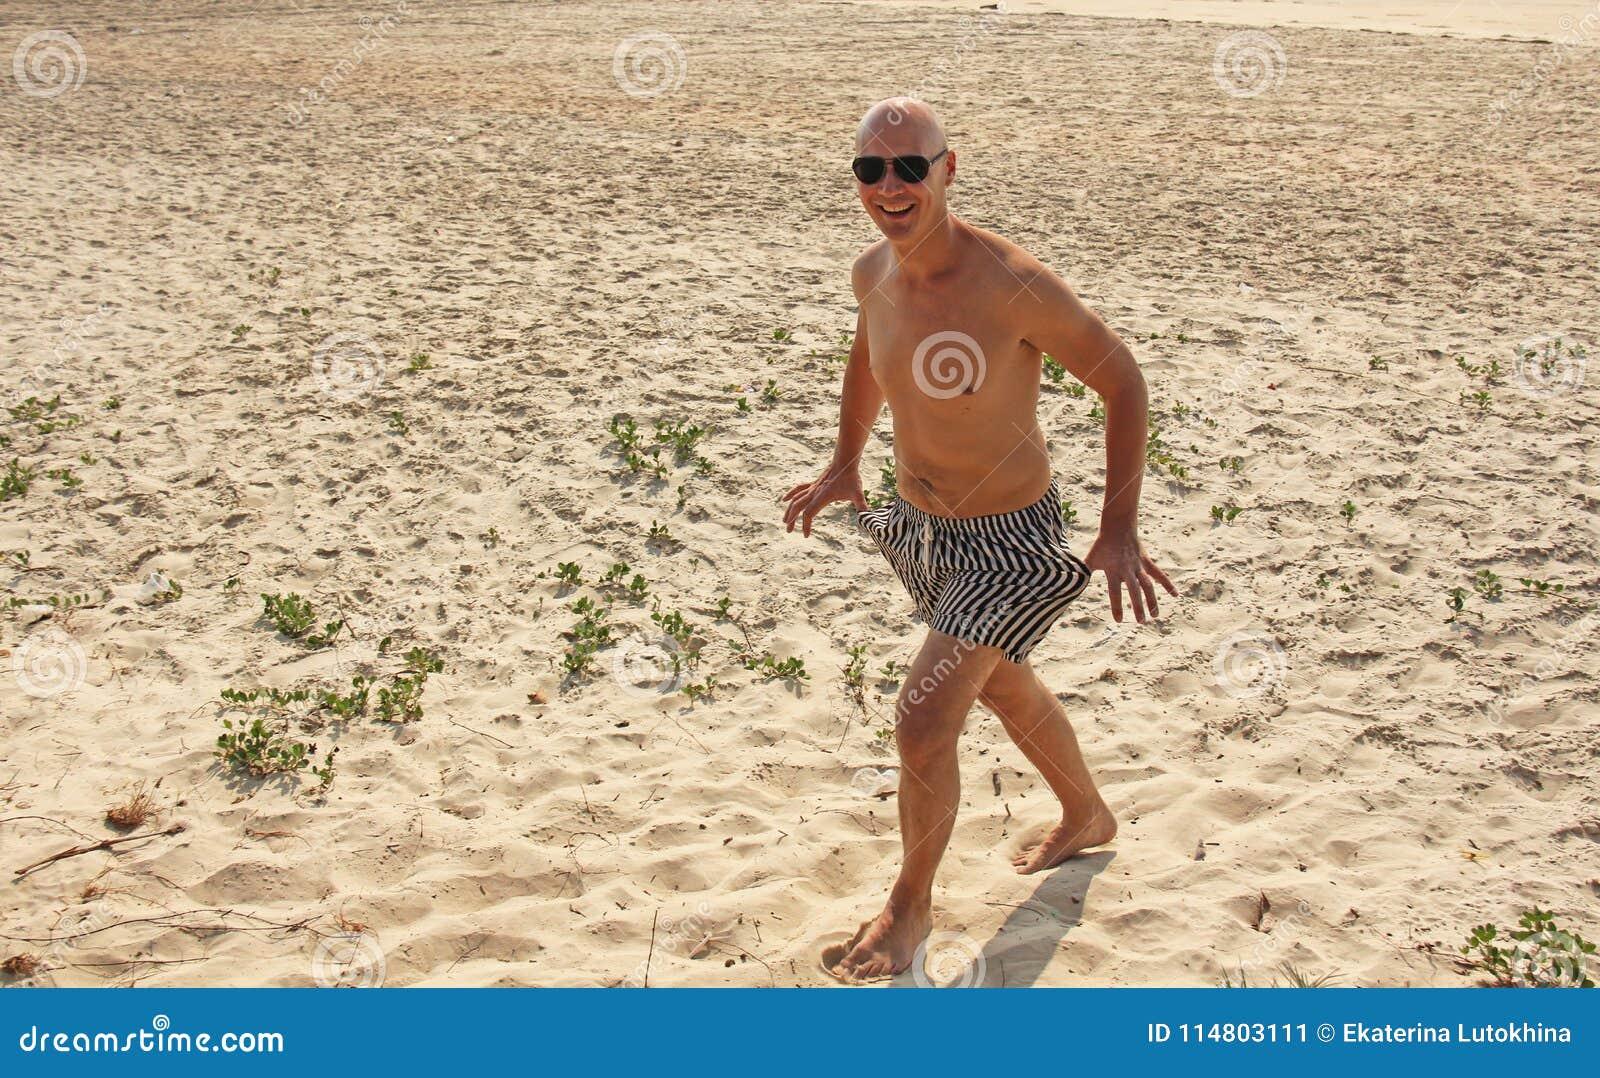 e0f0af8fbad2 Uomo calvo con un petto nudo nudo, in costume da bagno a strisce o negli  shorts contro lo sfondo della spiaggia e del mare, in occhiali da sole neri  Da solo ...